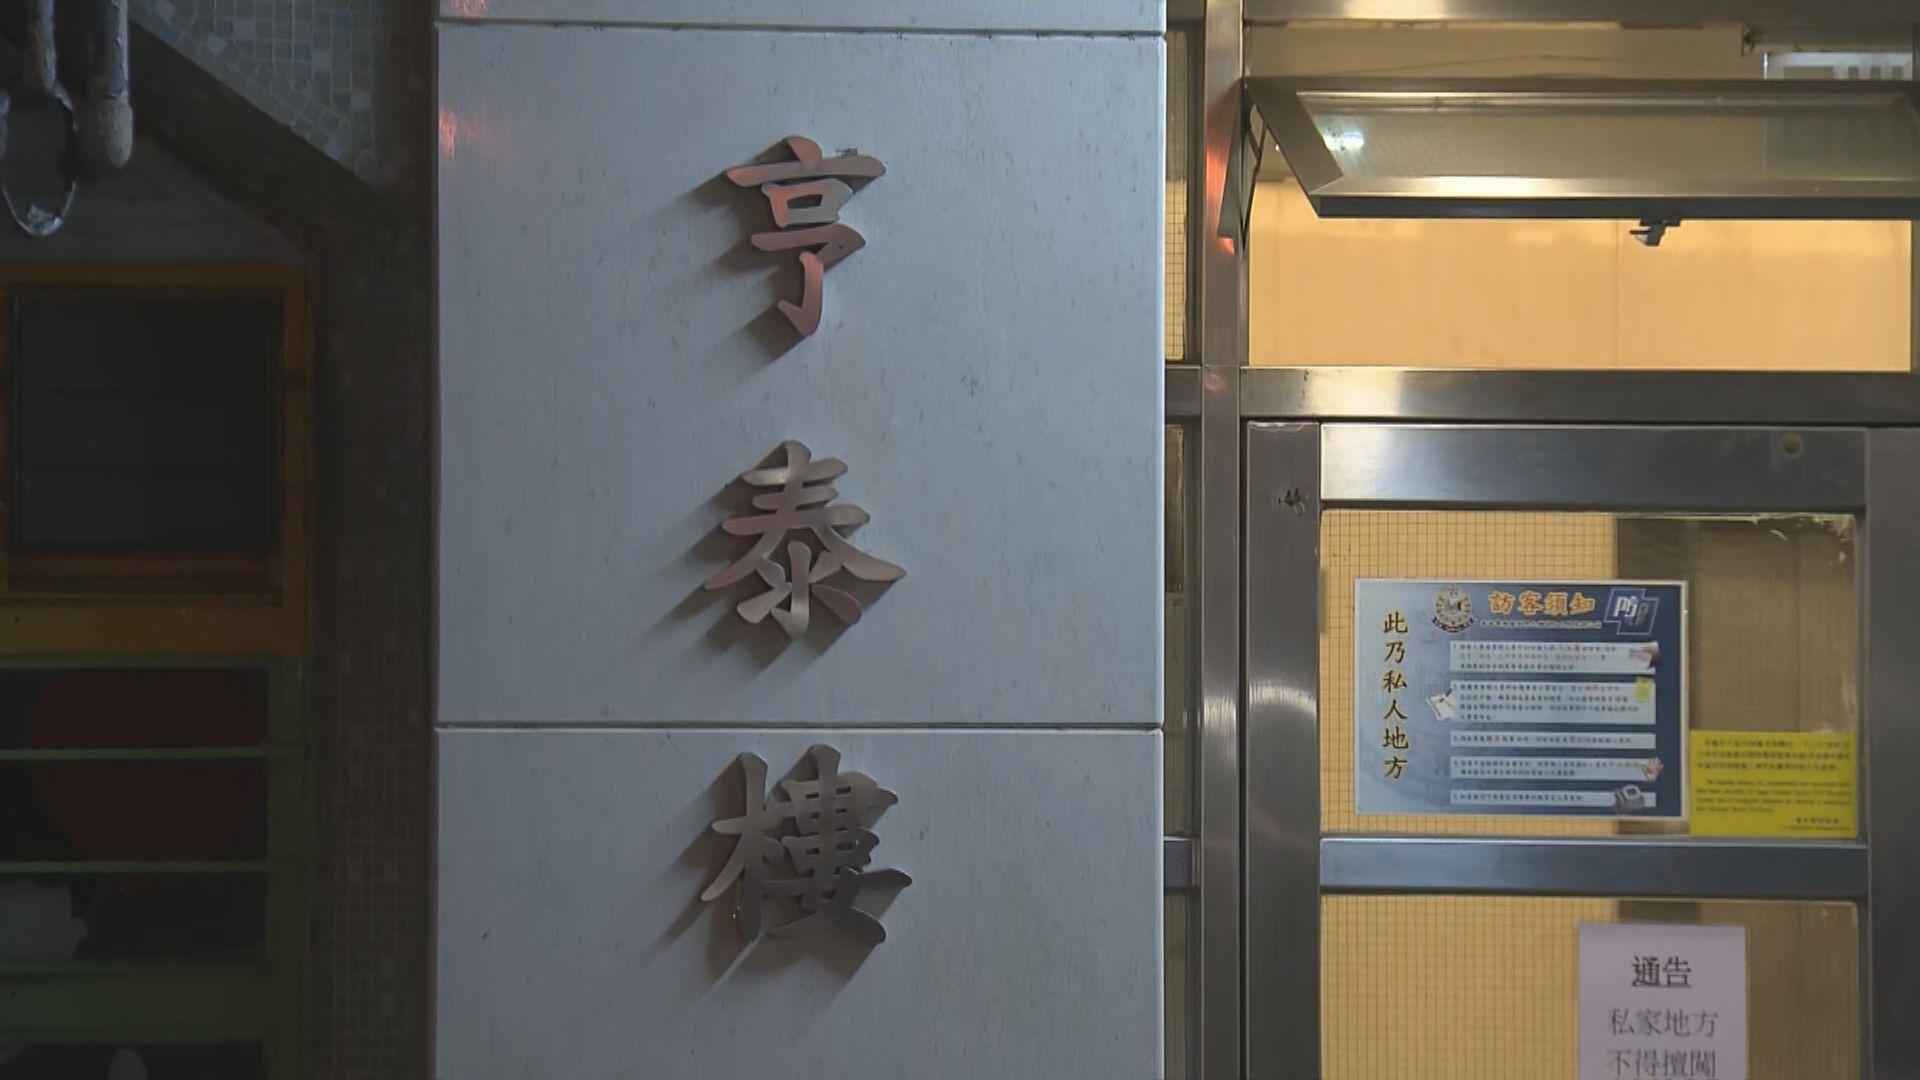 亨泰樓患者疑下層傳上層 不排除天台糞渠排氣管造成擾流效應